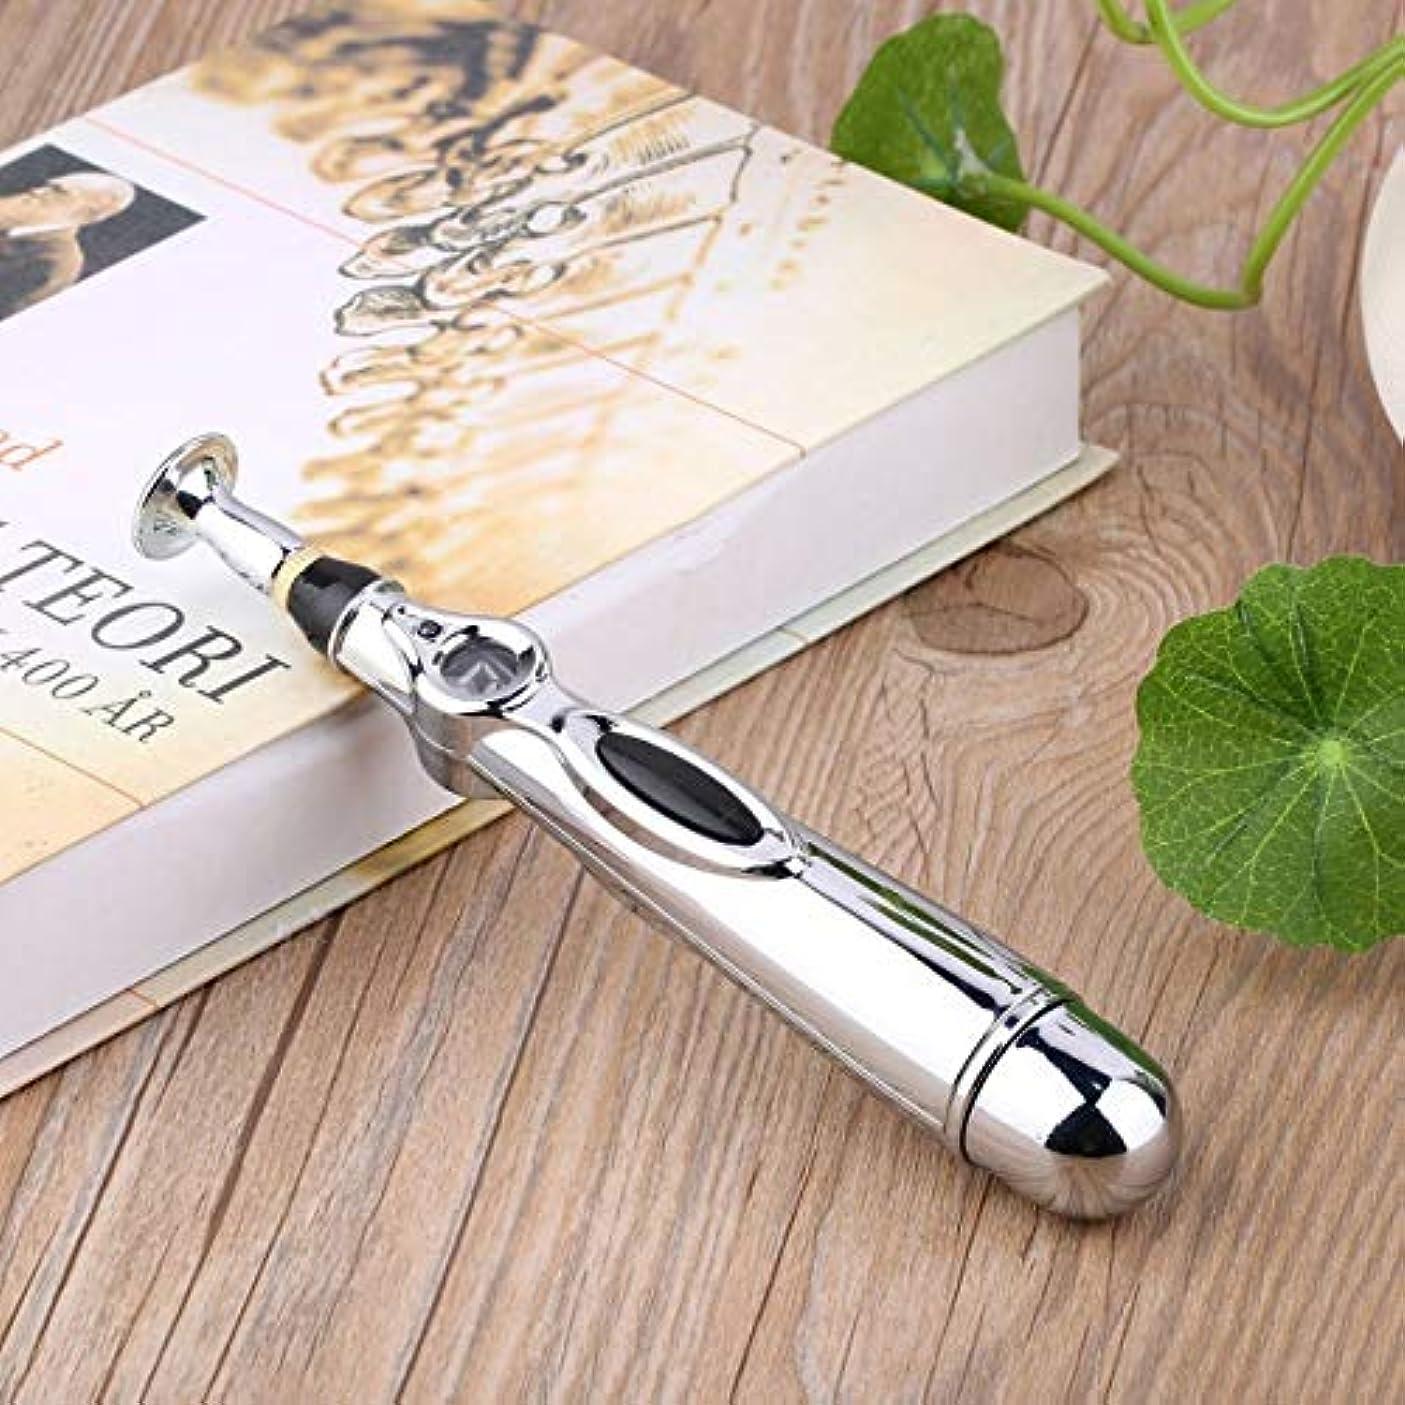 スリンク局九月電気鍼マッサージペンの健康子午線の痛みを軽減する治療電子子午線エネルギーペンのマッサージボディヘッドネック脚